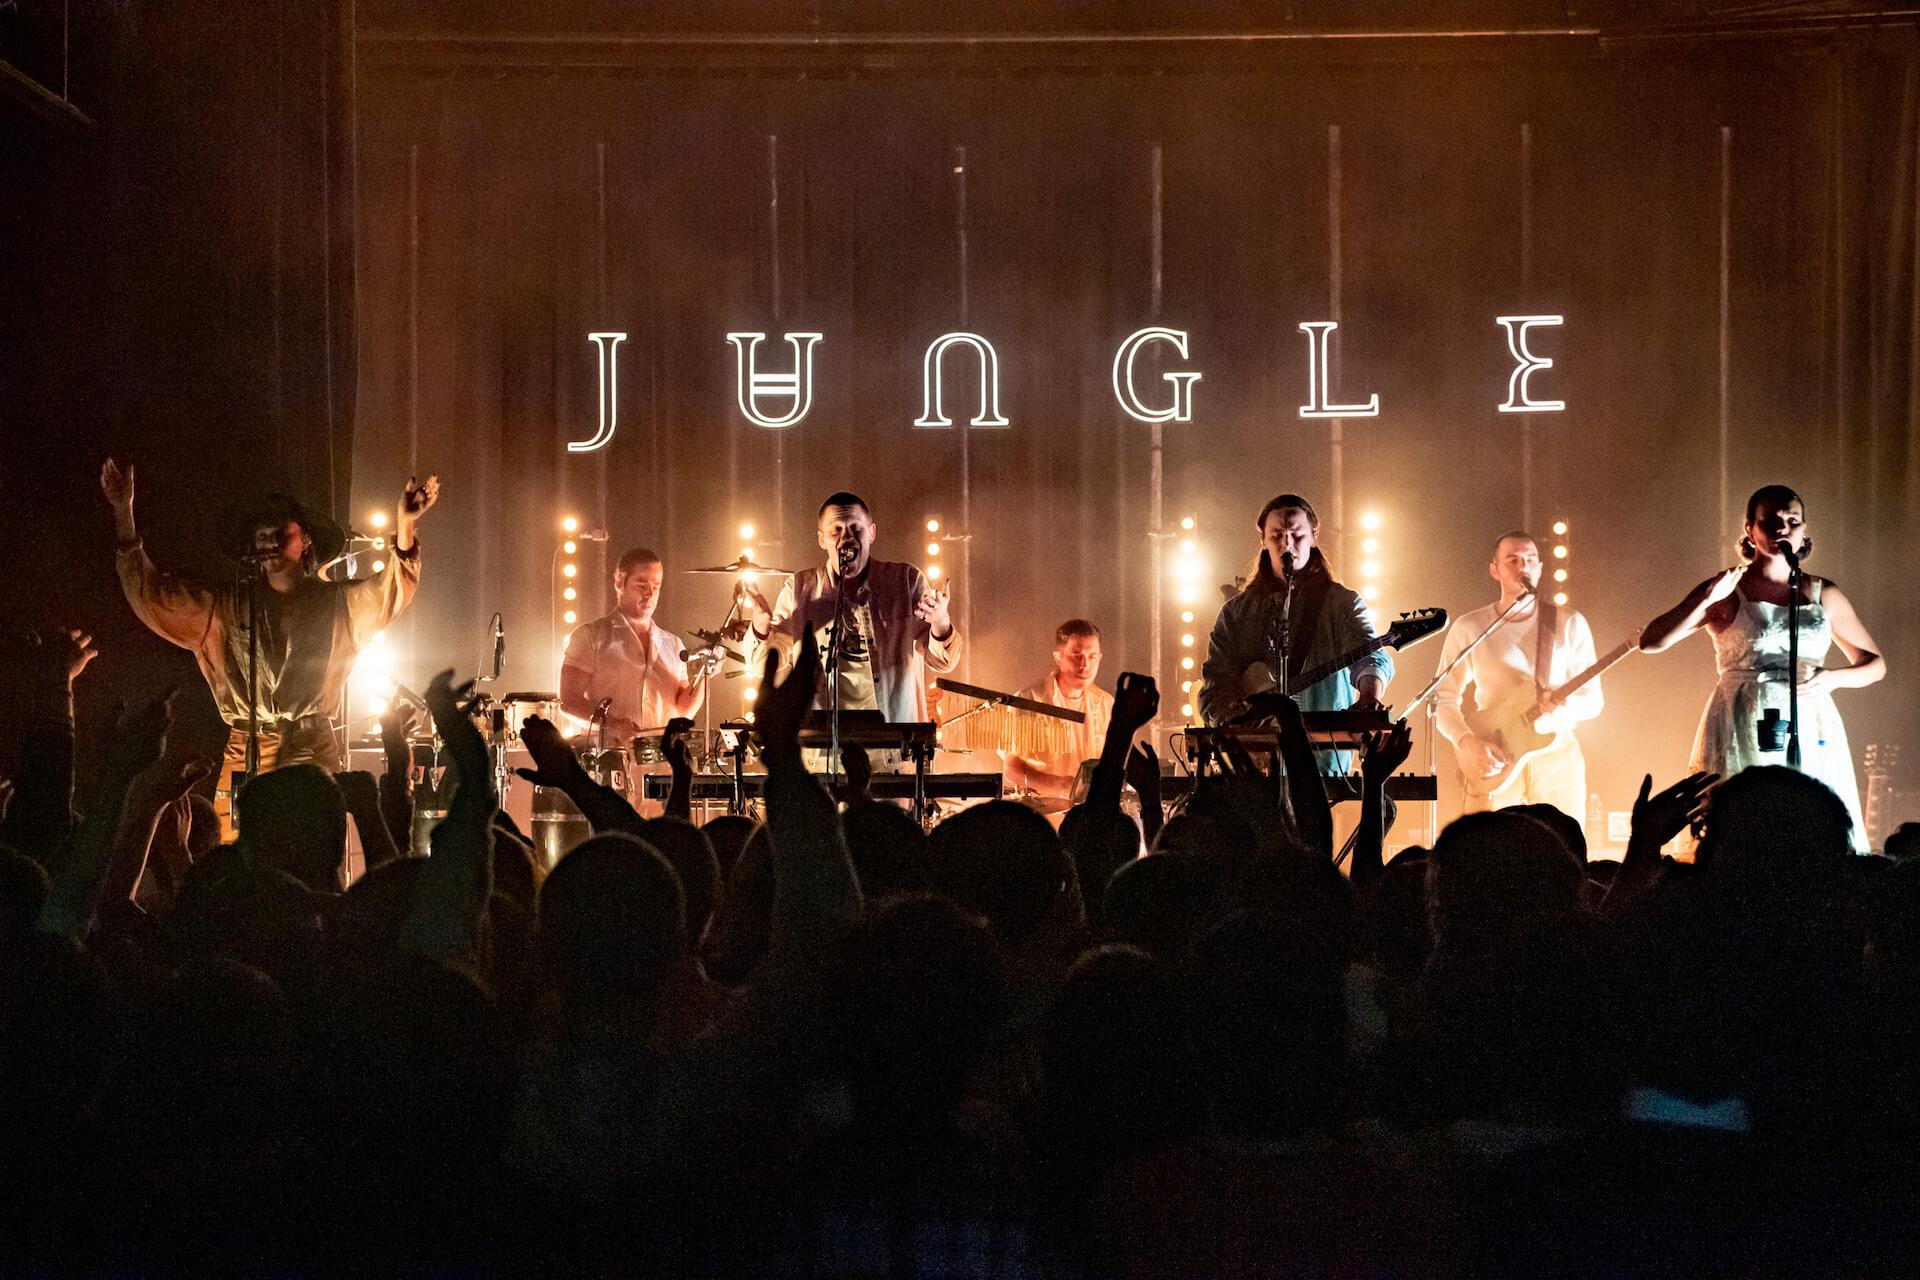 クールでセクシーなネオ・ソウルの誘惑。踊り酔いしれ乱れる夜!JUNGLE、単独公演のライブ・レポートが公開 music190226-jungle-6